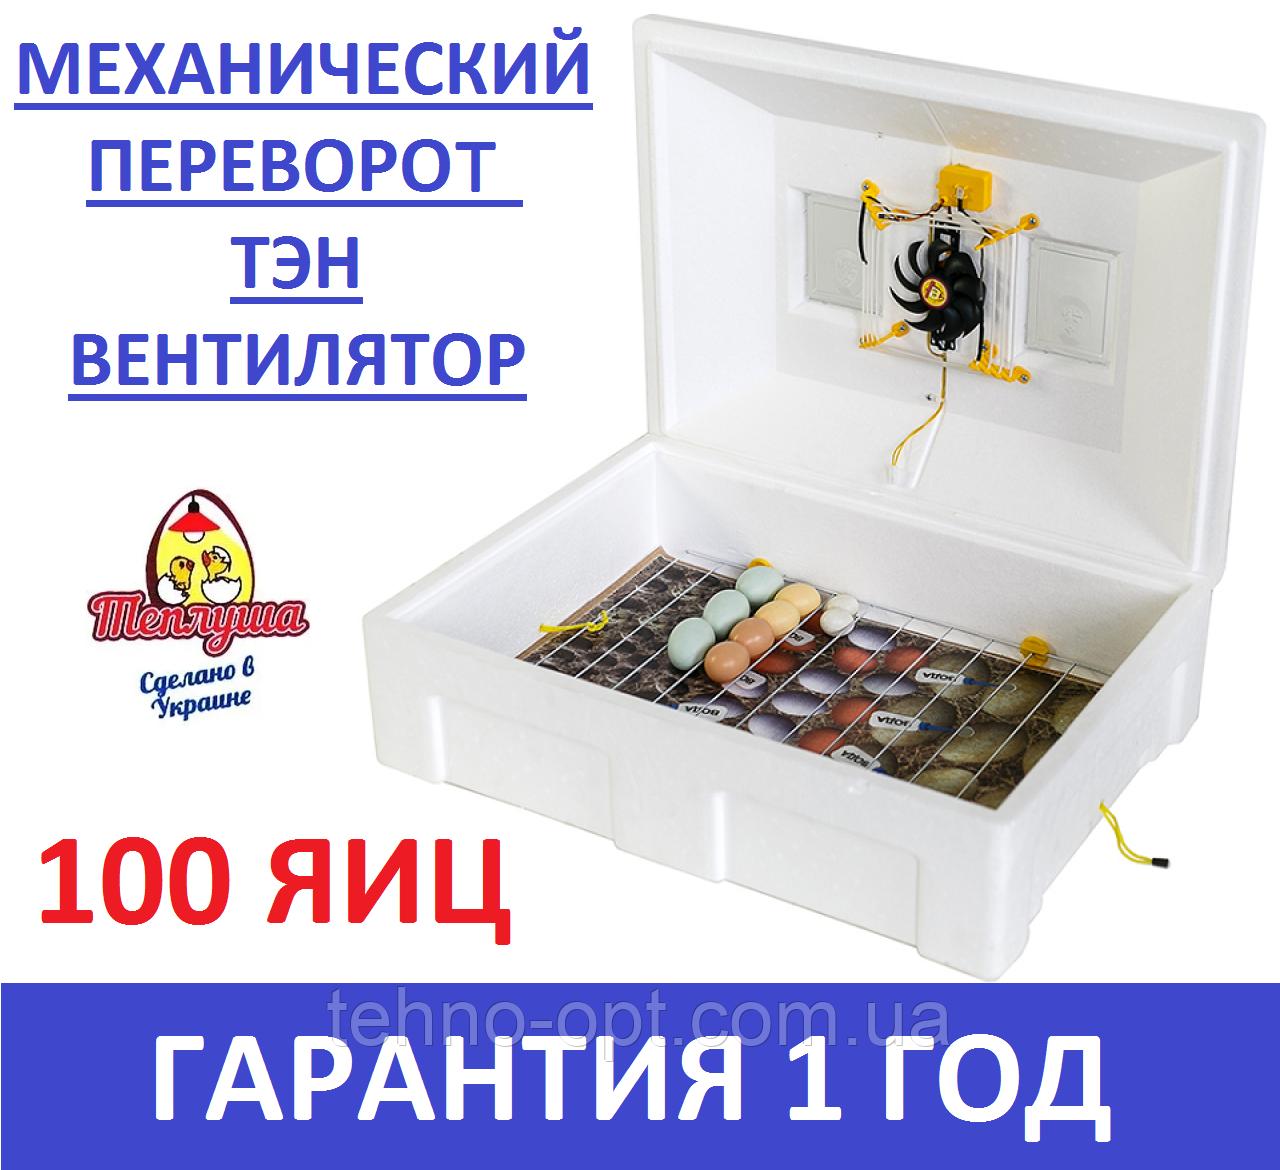 Инкубатор с механическим переворотом Тэновый Теплуша 72 Люкс ИБ 220/50